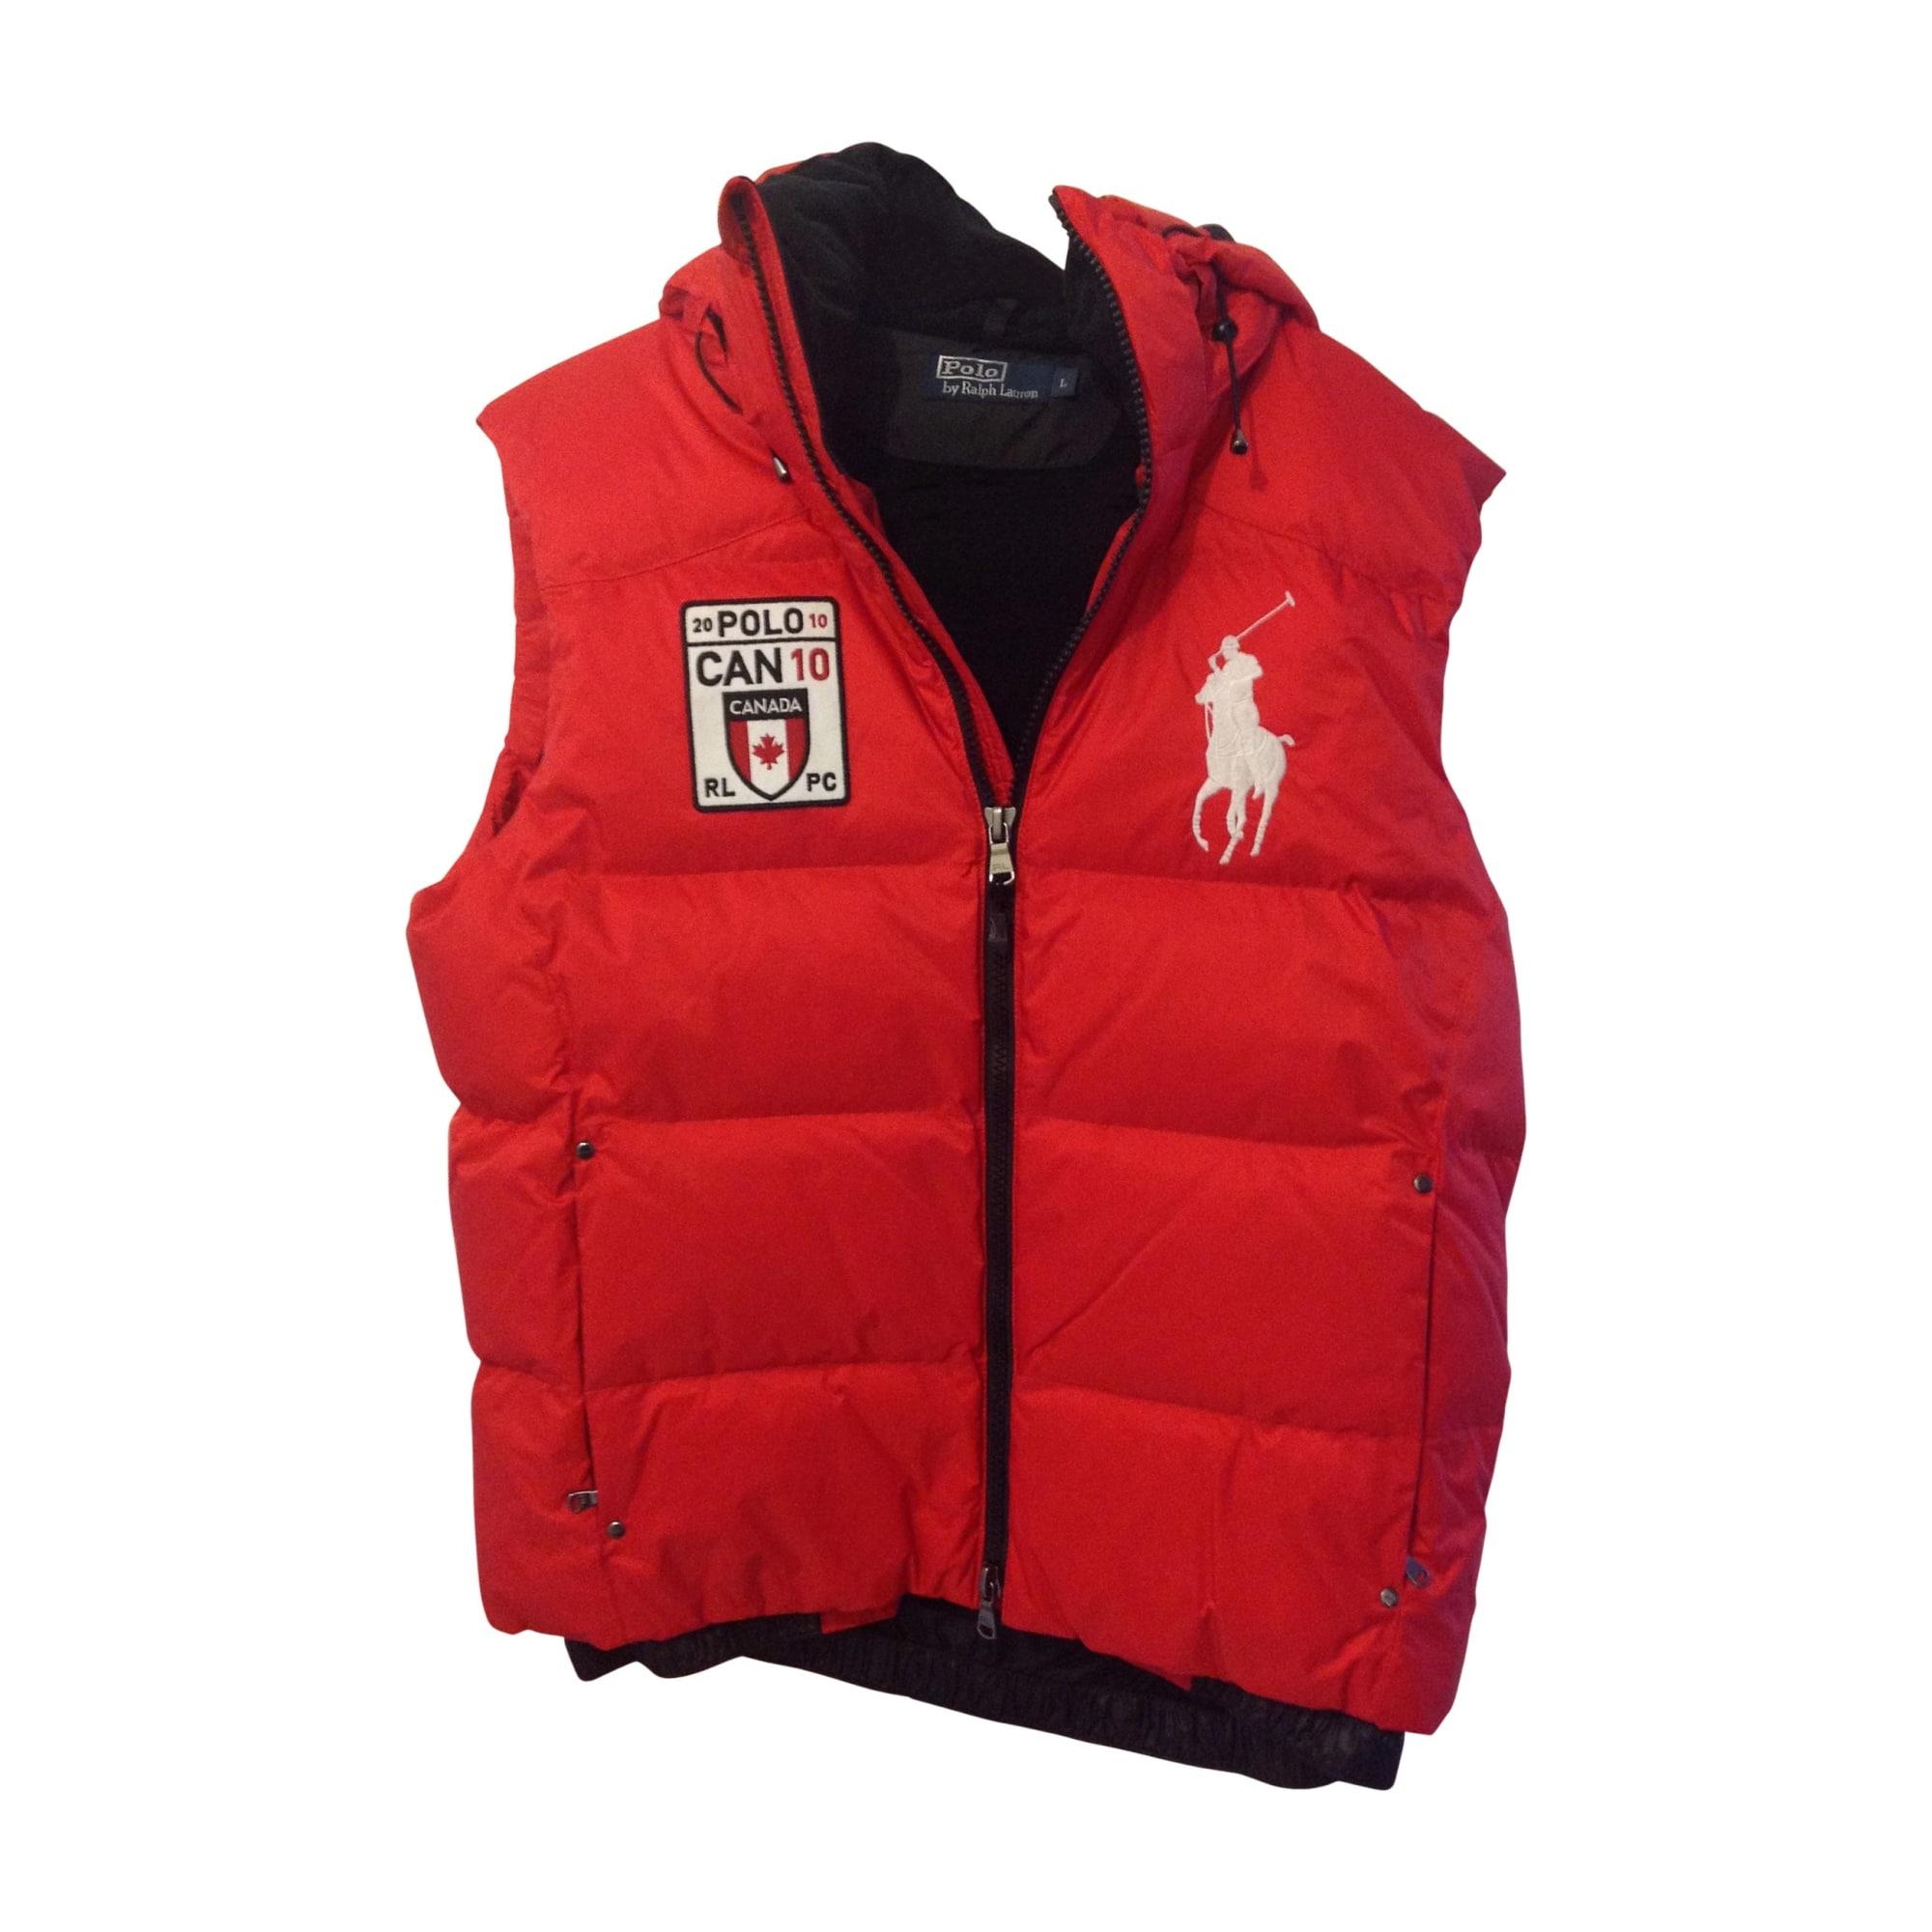 ac64c62ec1759 Doudoune RALPH LAUREN 52 (L) rouge vendu par Minab537281 - 2193702